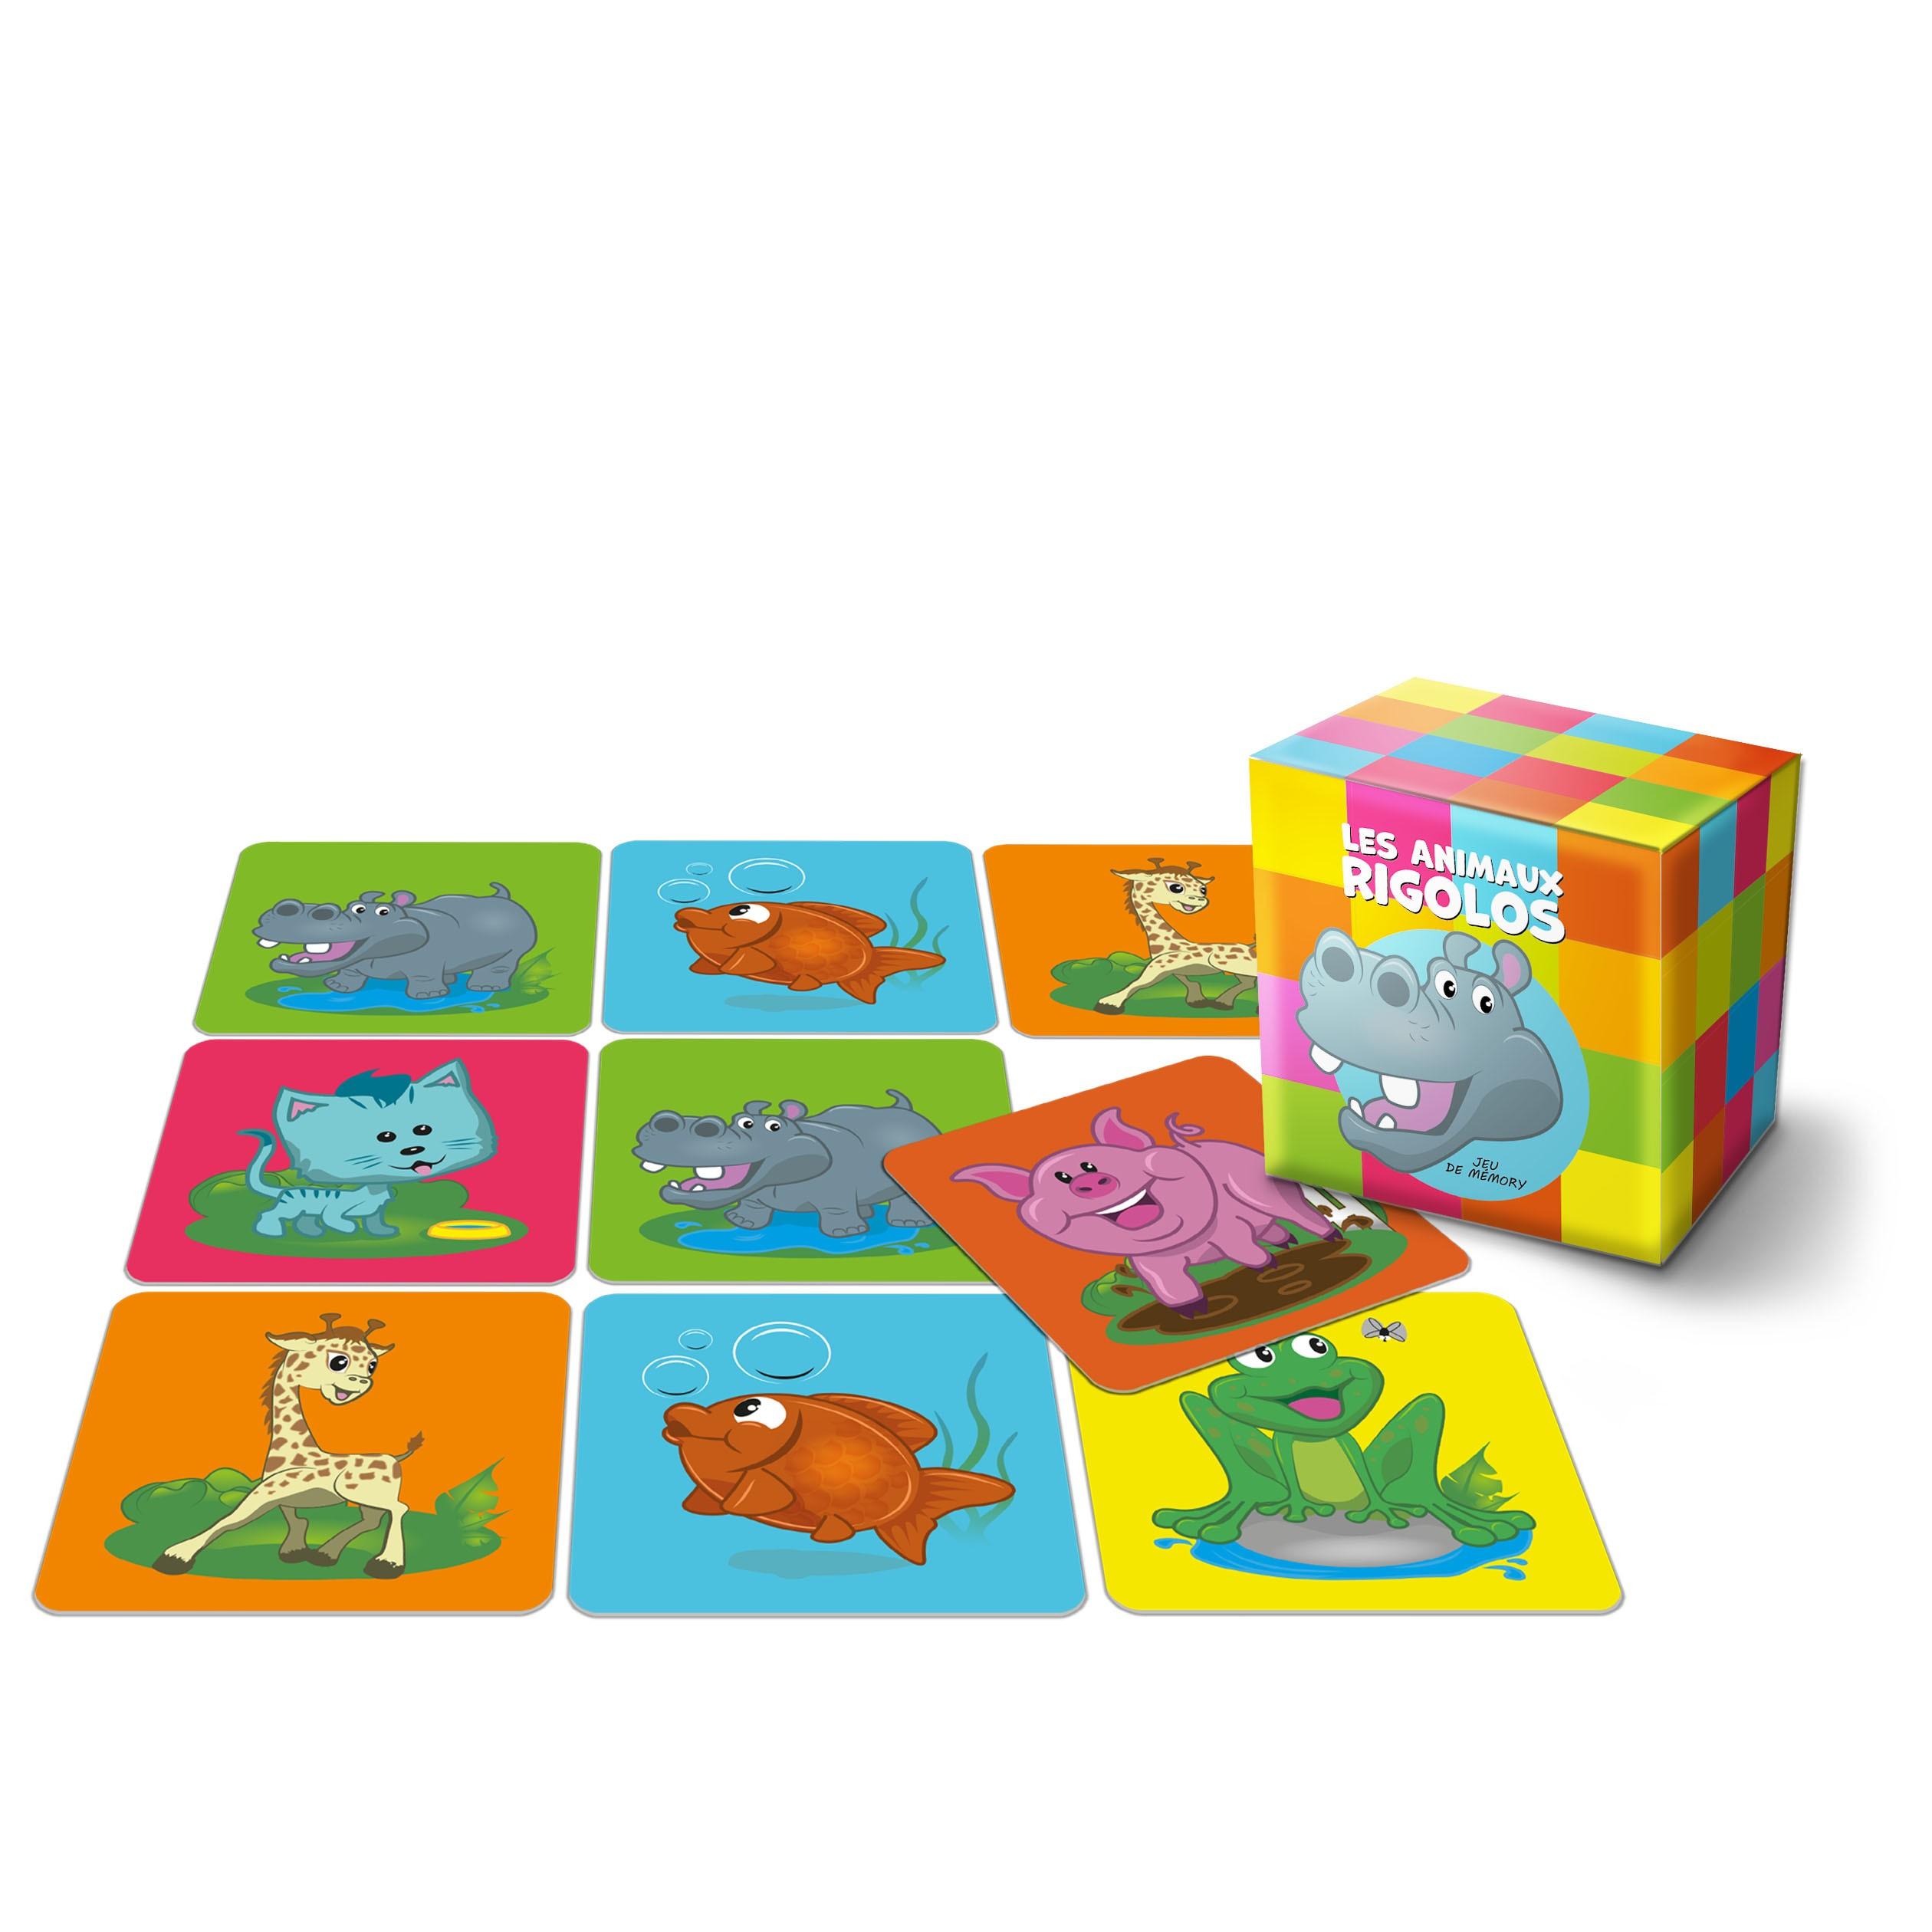 """Jeu de mémo - 22 cartes Jeu de mémo - 22 cartes - """"Les animaux rigolos"""""""